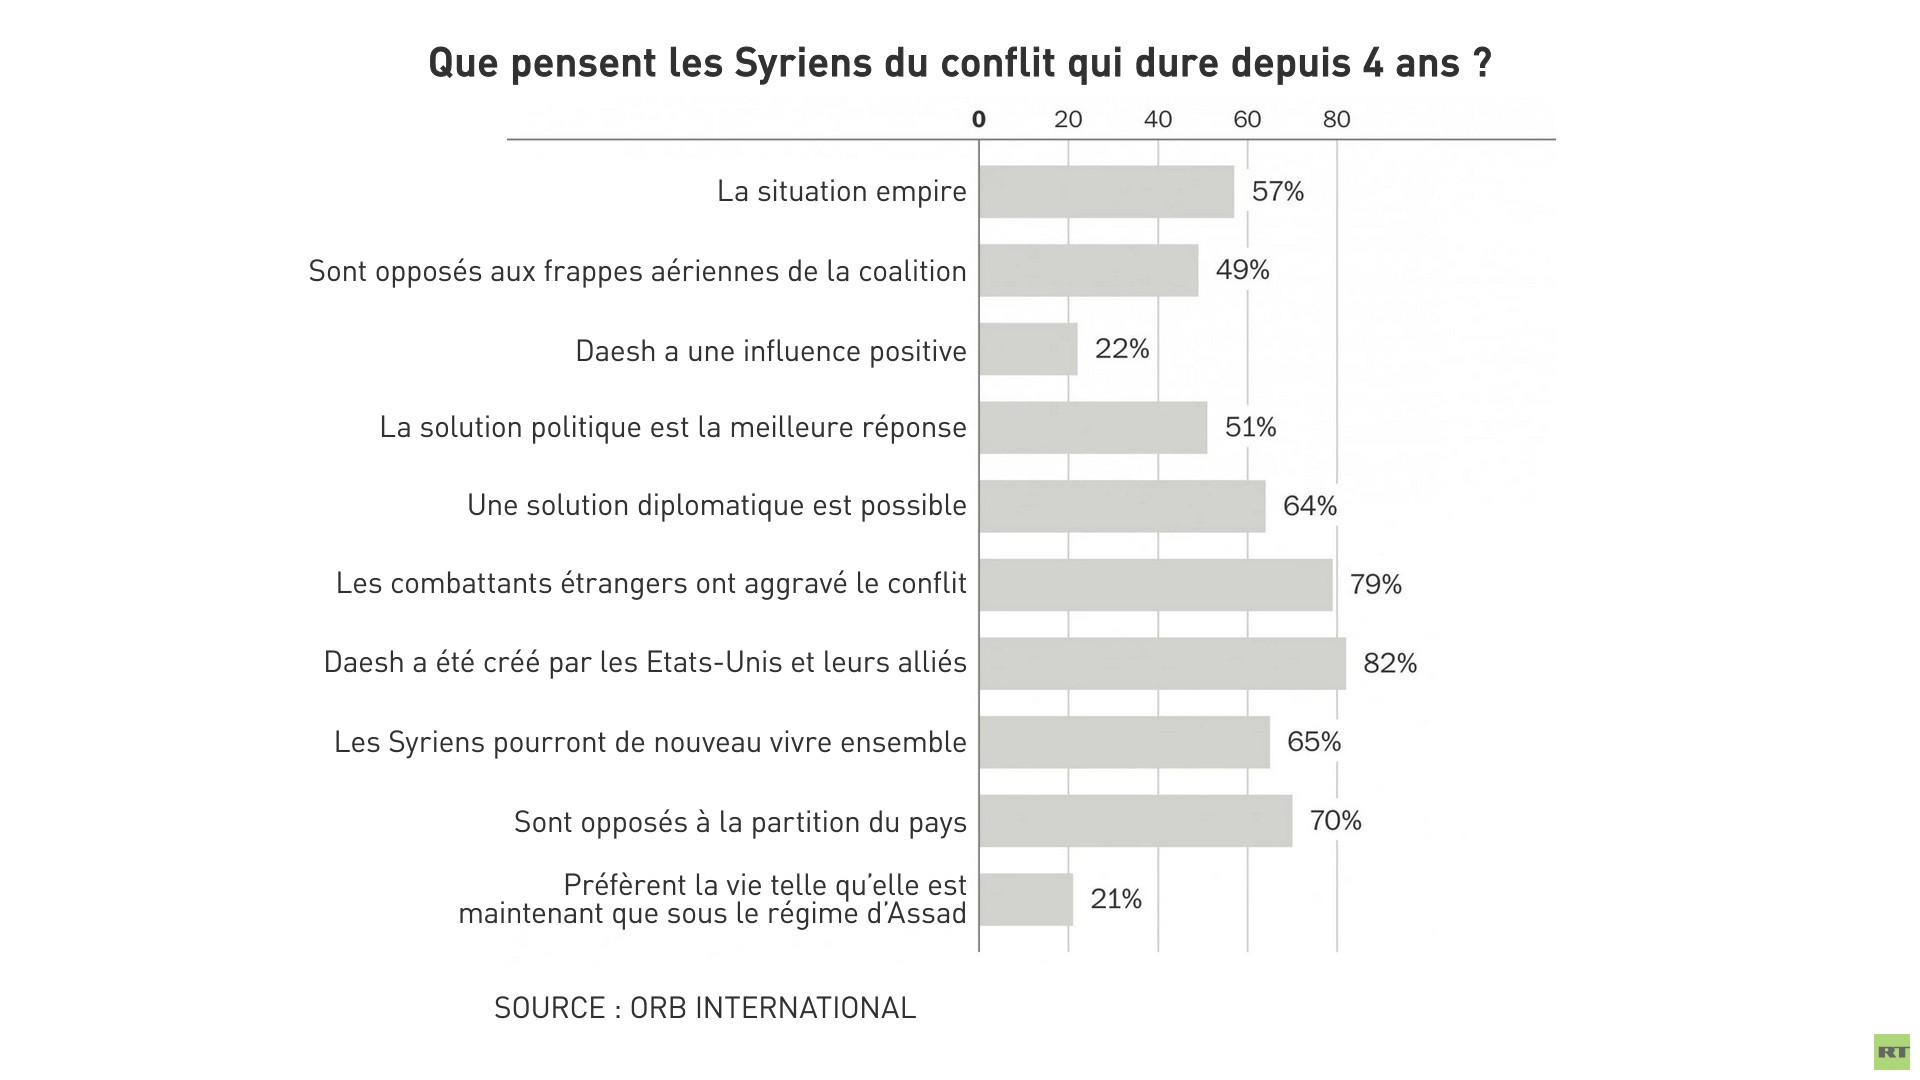 Plus de trois-quarts des Syriens estiment que «Daesh a été créé par les Etats-Unis et leurs alliés»